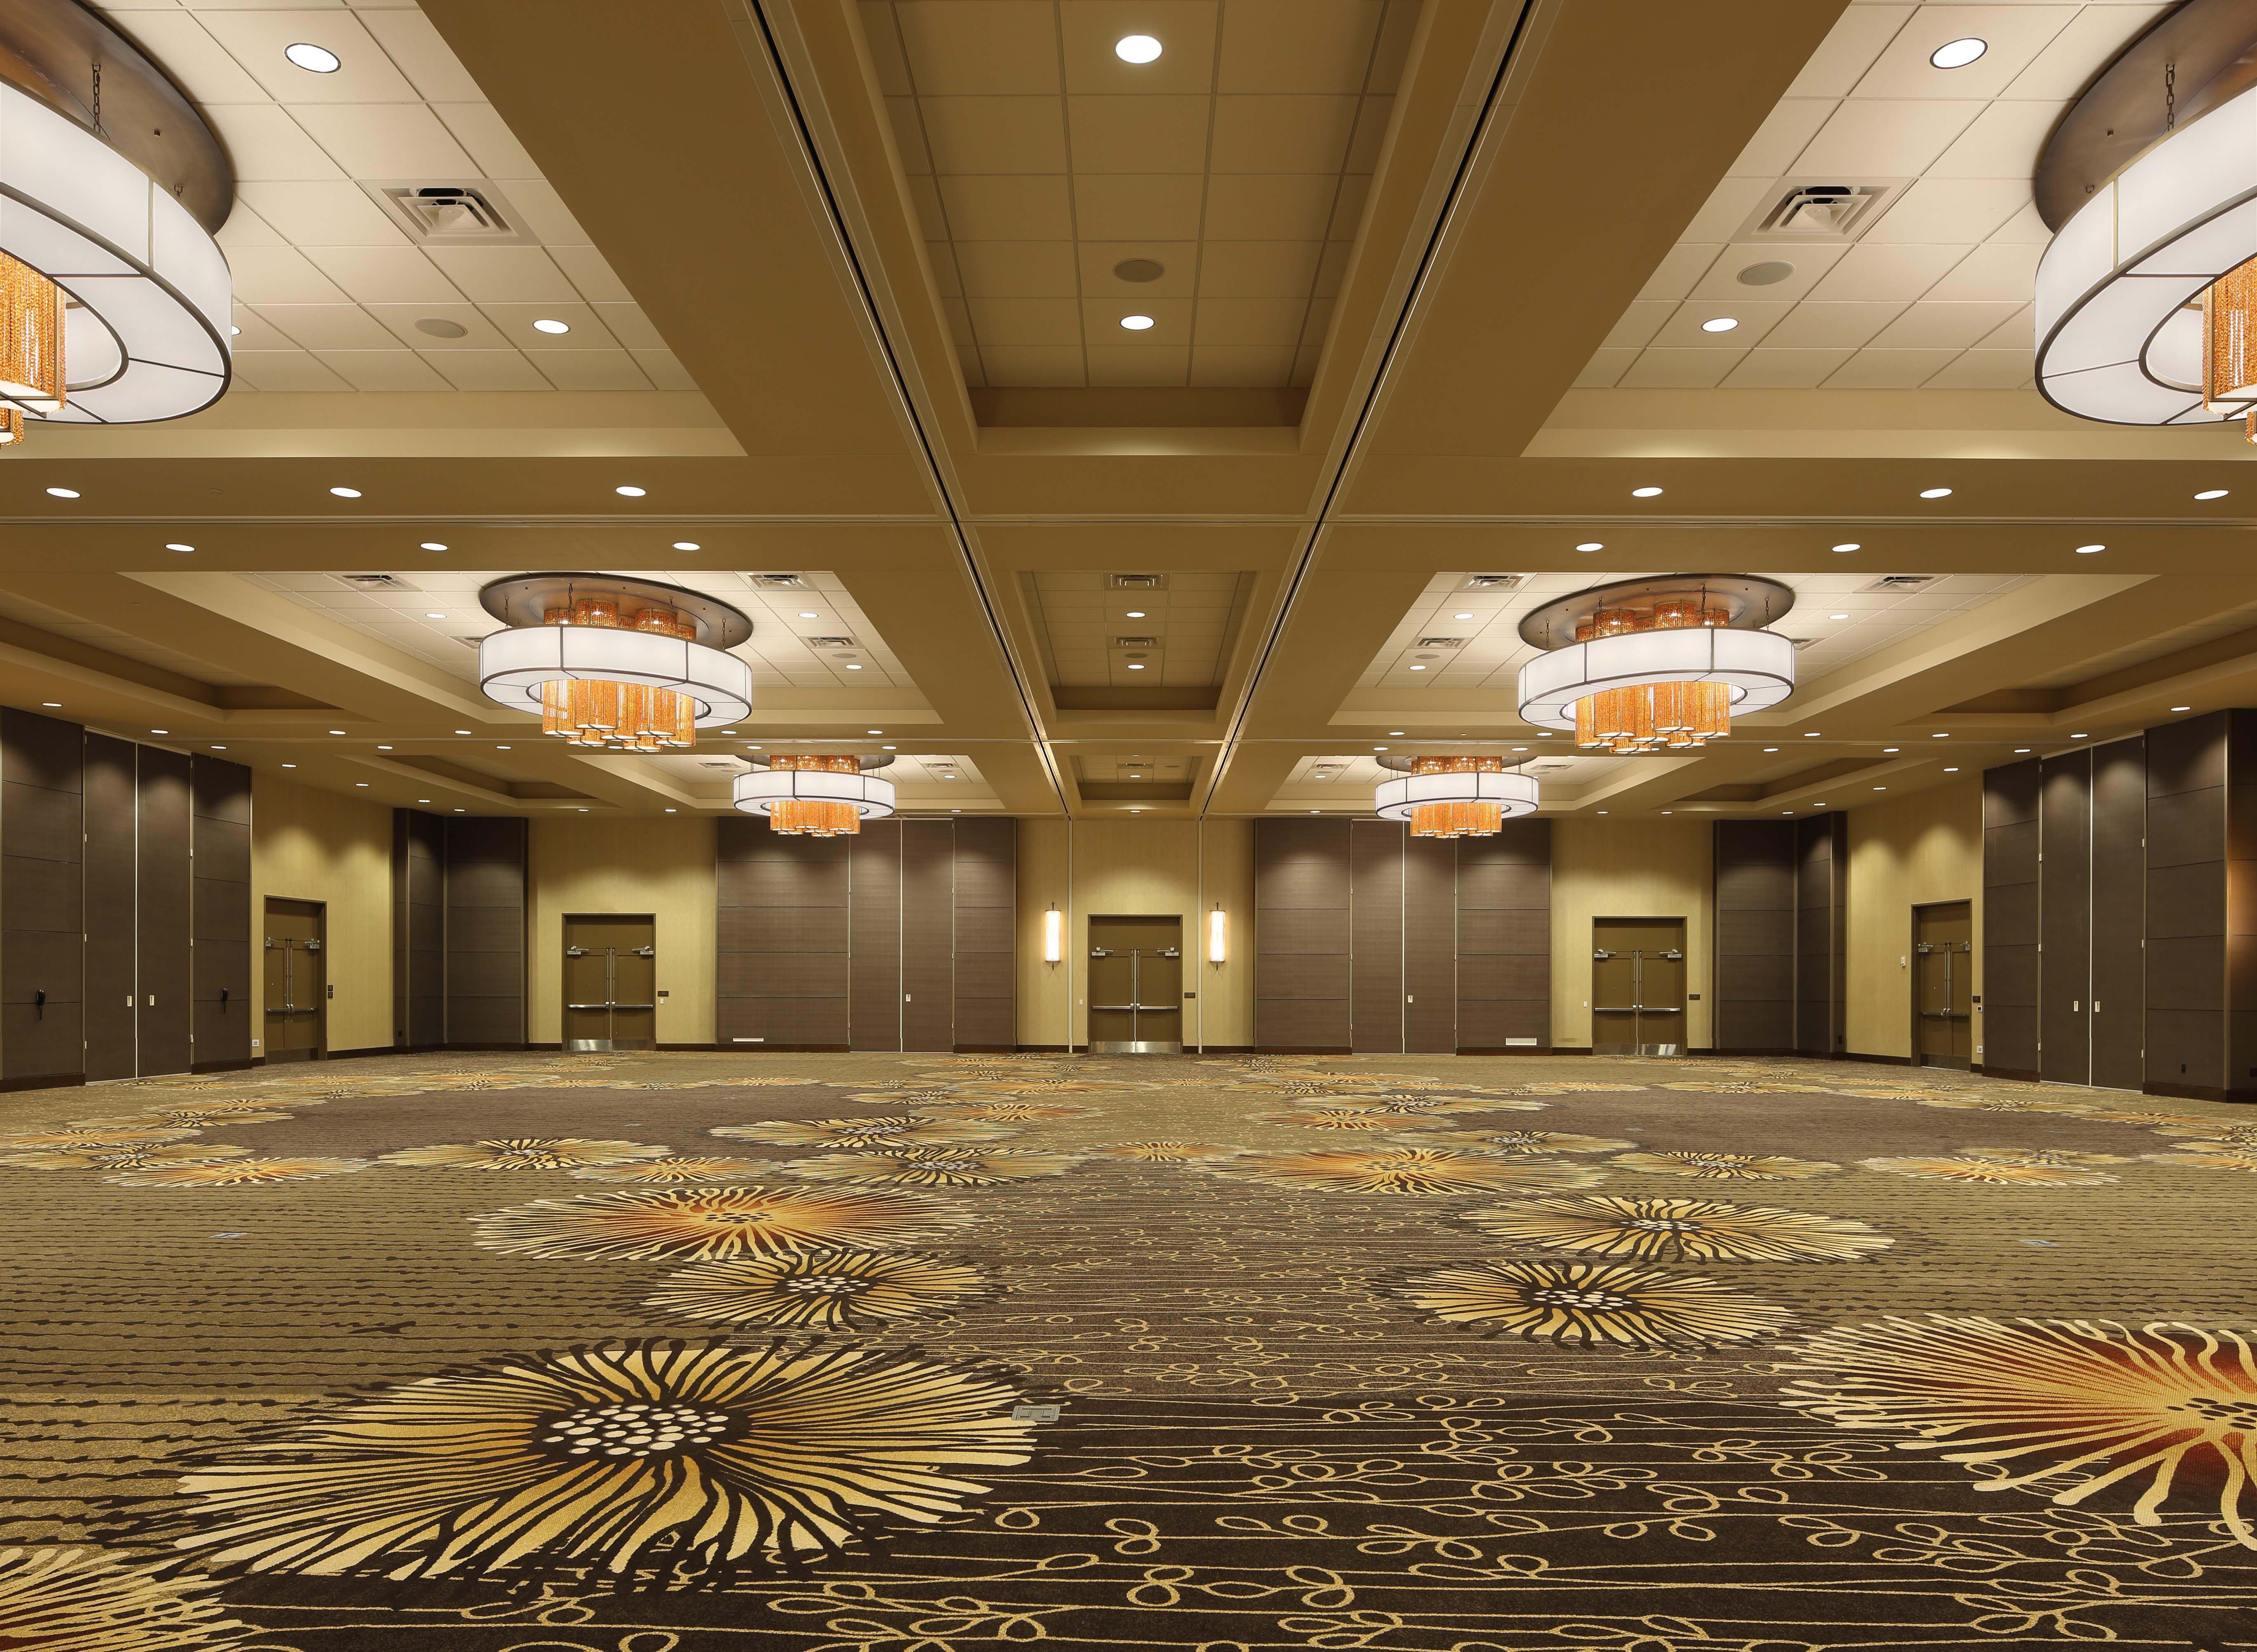 Hotel Ballroom Lighting Amber Crystals Add Pop Of